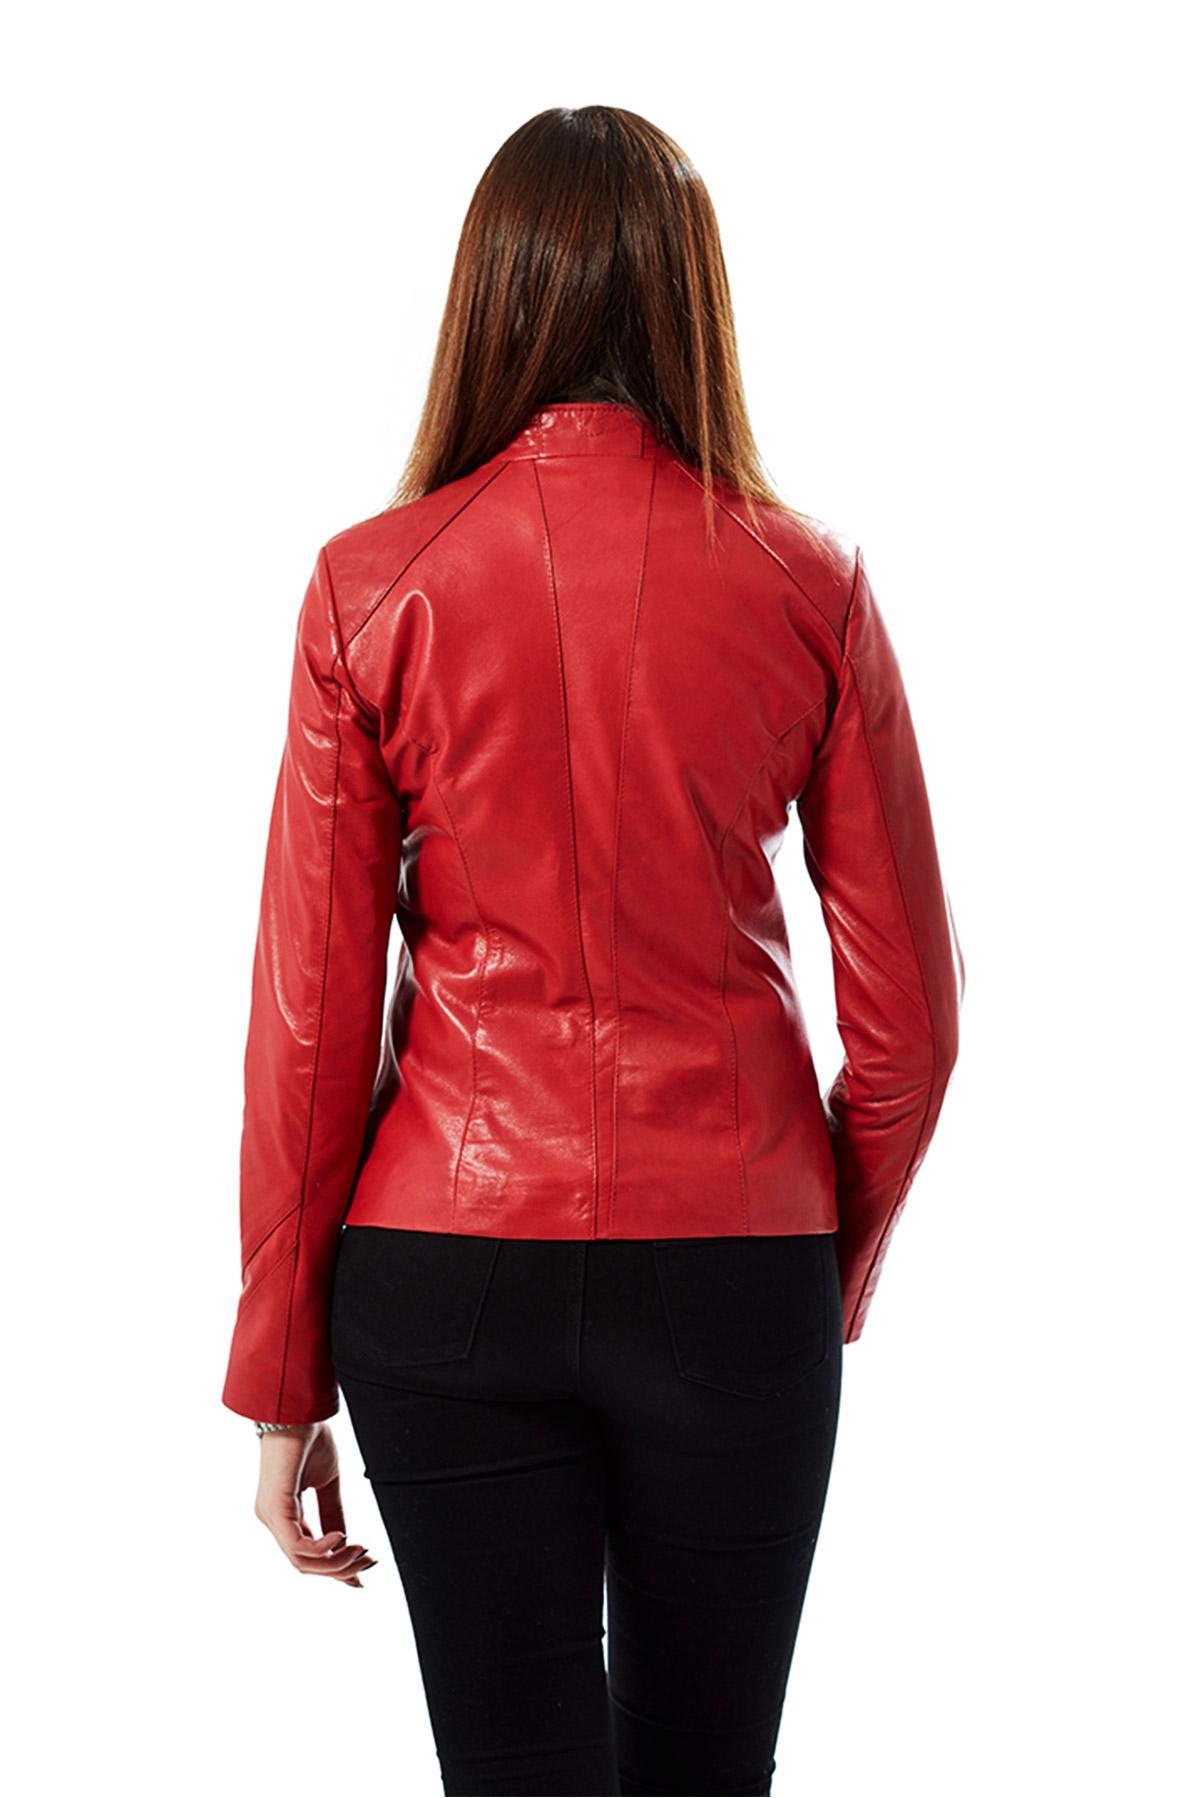 echo genuine leather jacket